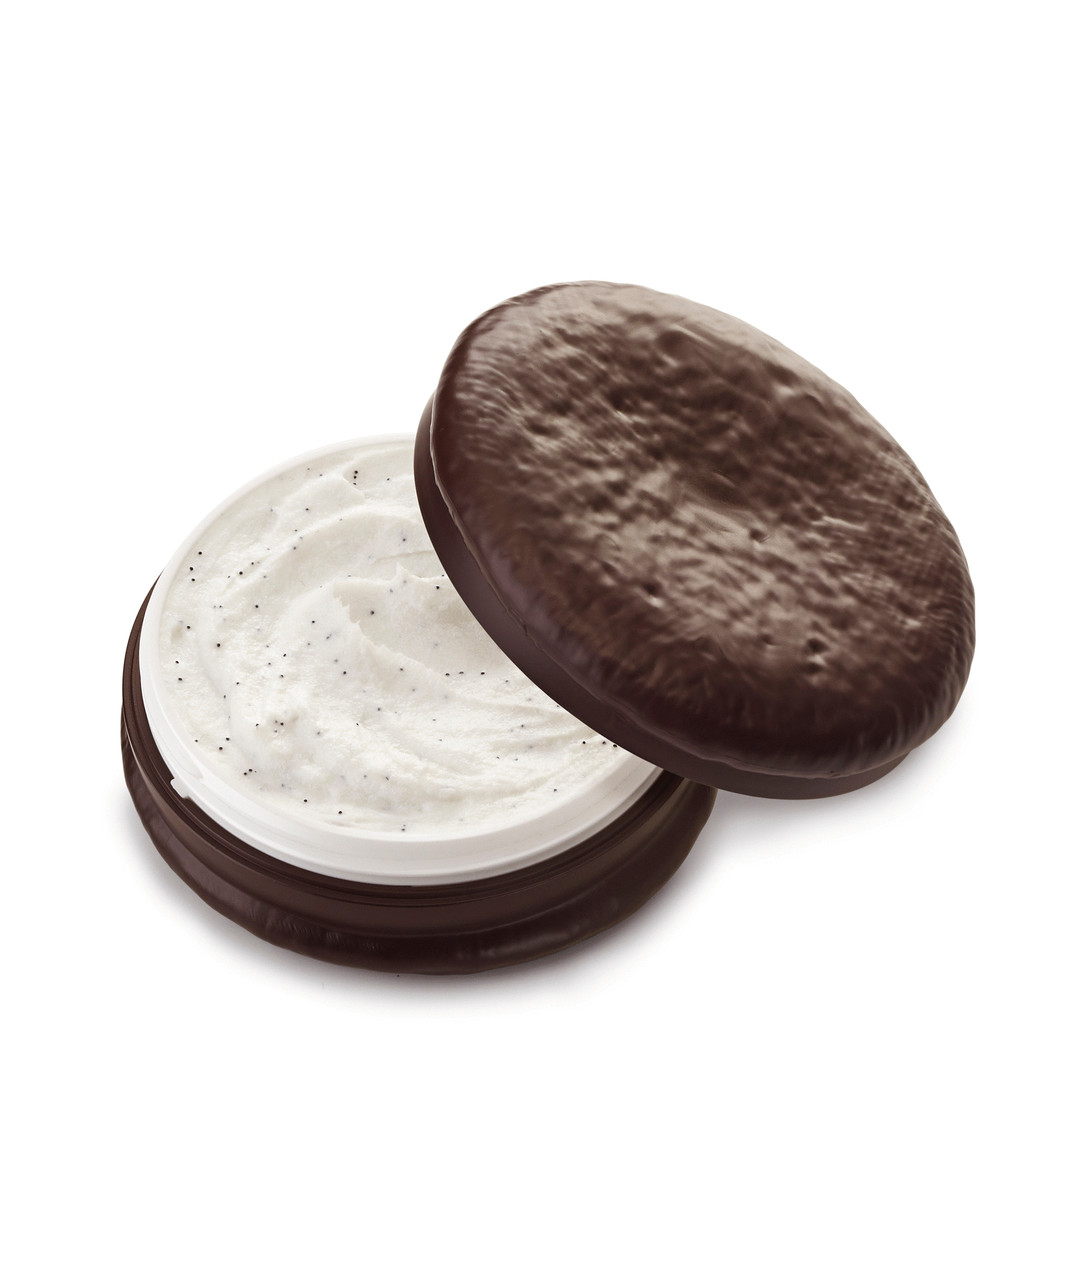 Питательный крем для рук Грейпфрут The Saem Chocopie Hand Cream Grapefruit 35 мл (8806164142981)